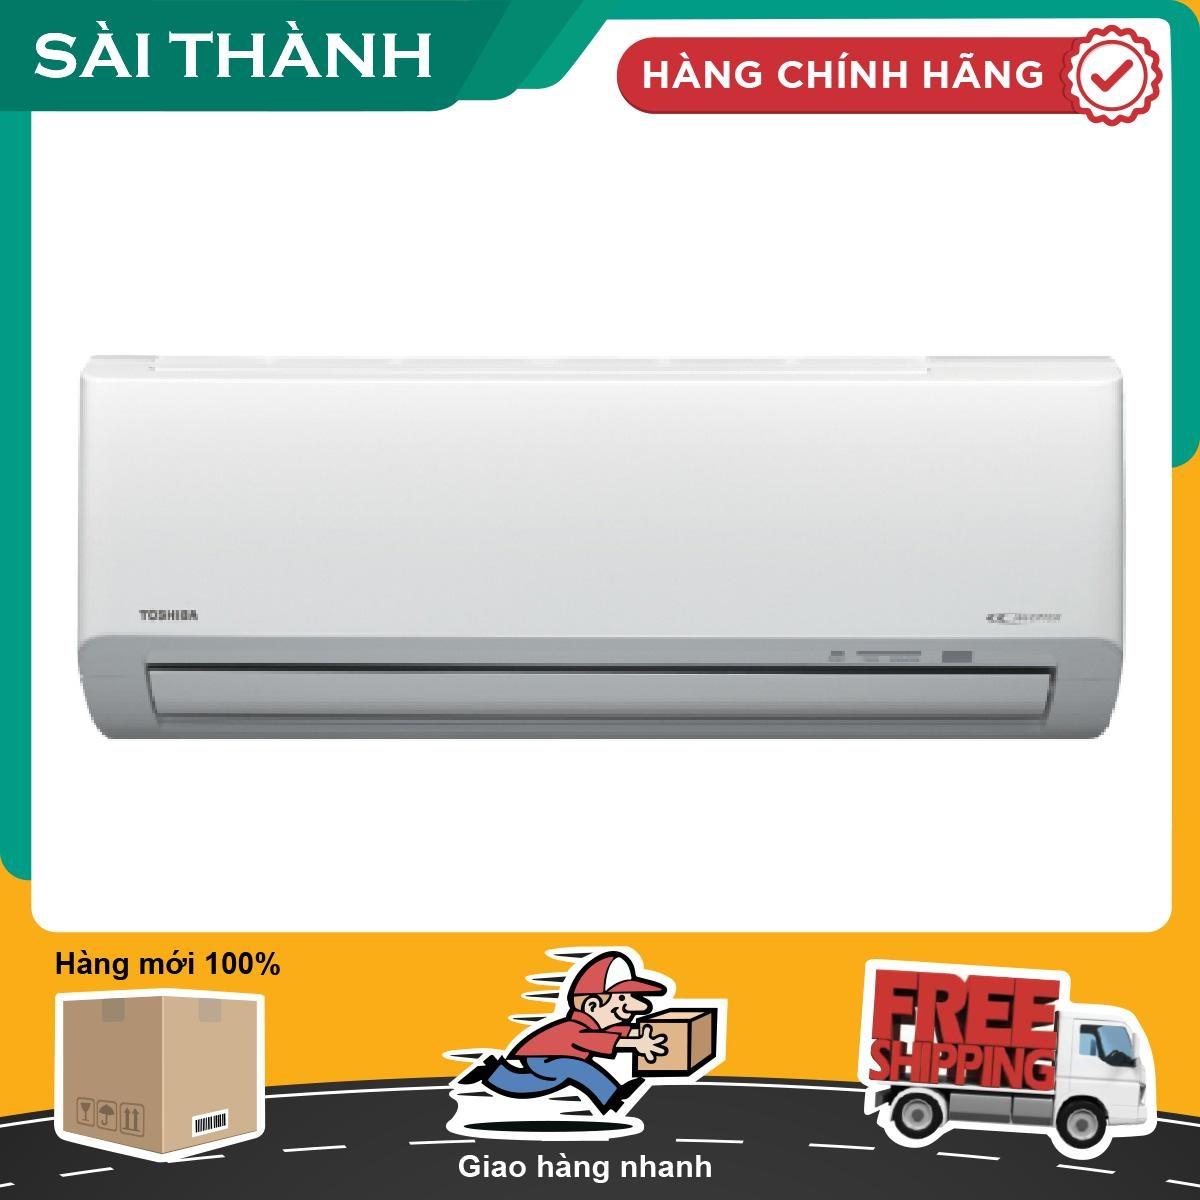 Bảng giá Máy lạnh Toshiba Inverter 1 HP RAS-H10H2KCVG-V - Bảo hành 2 năm